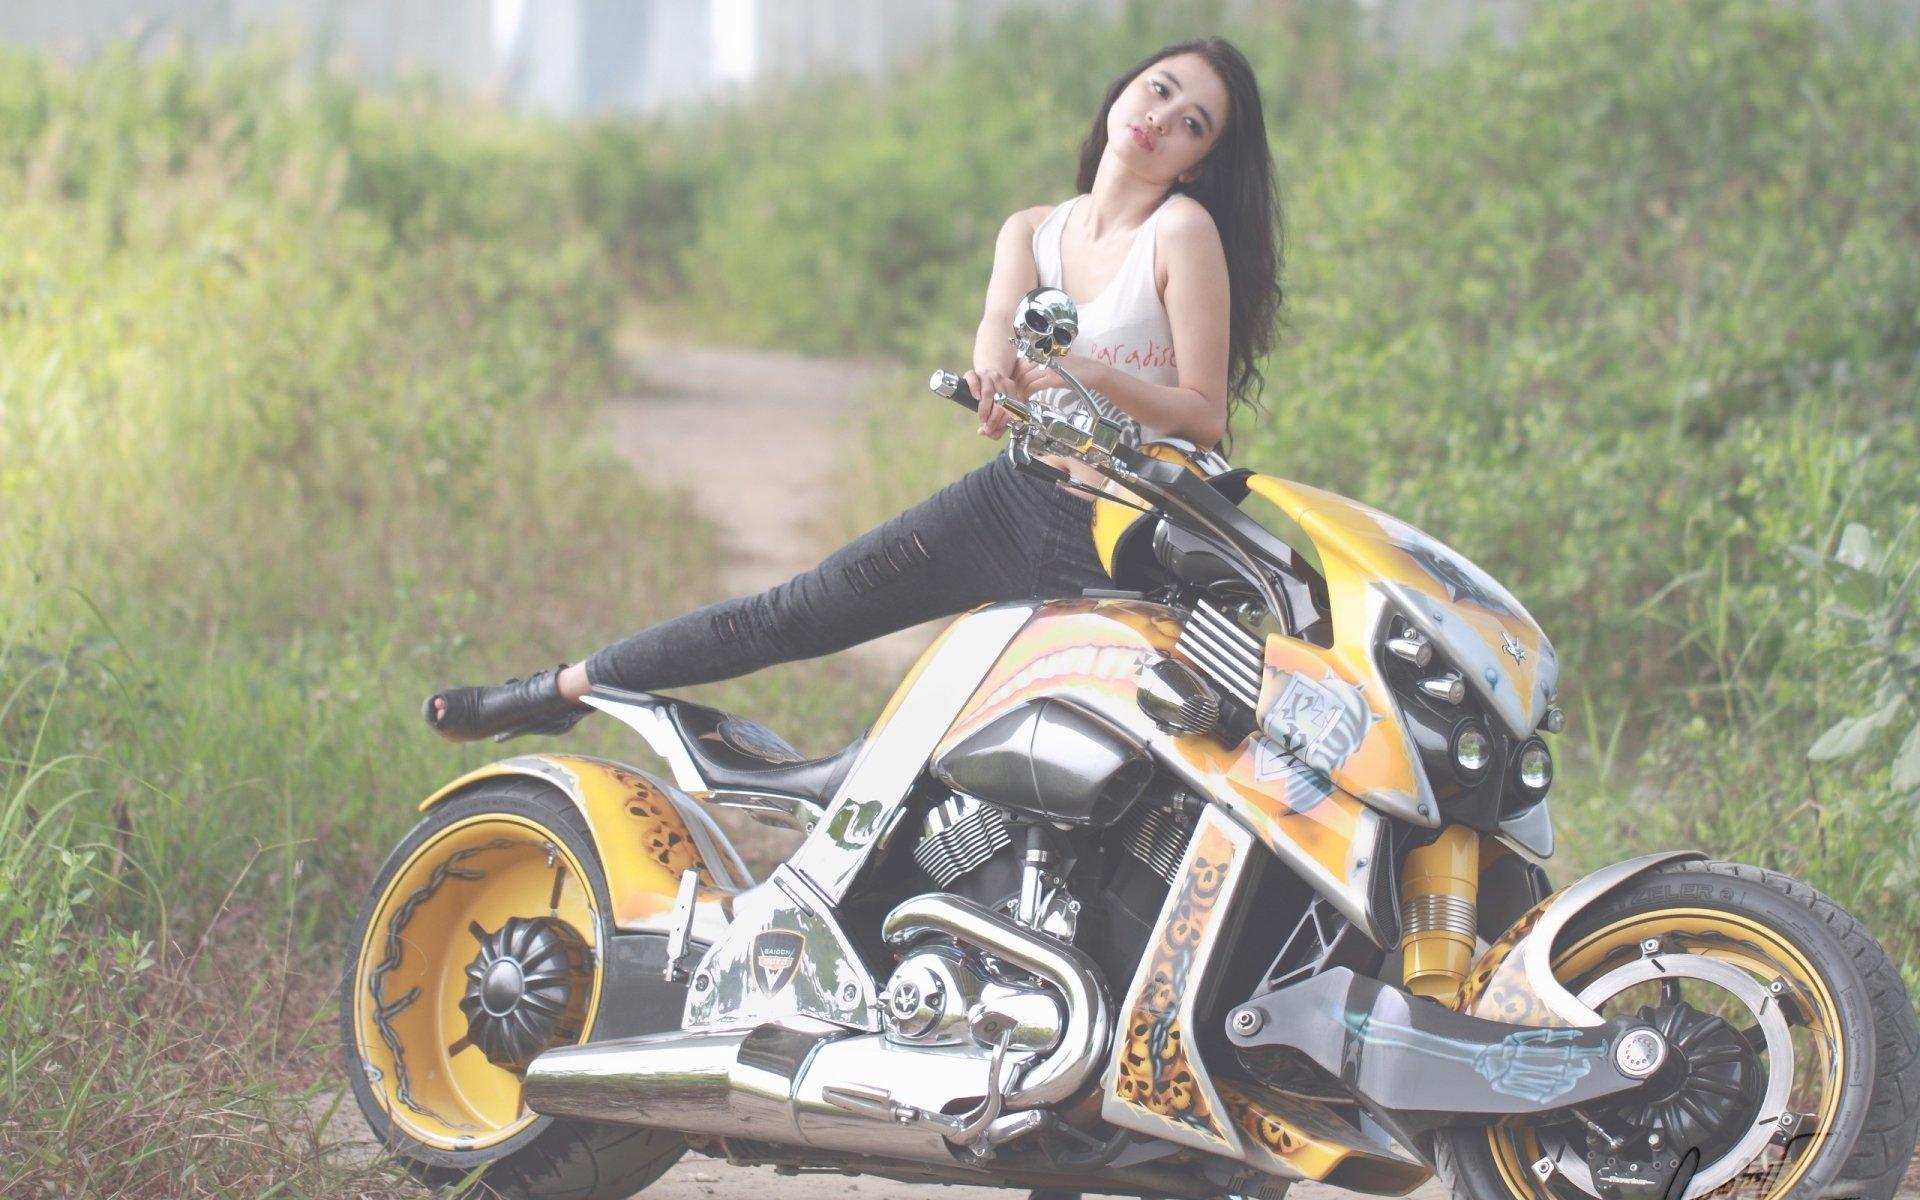 女性 - 摩托车模  壁纸